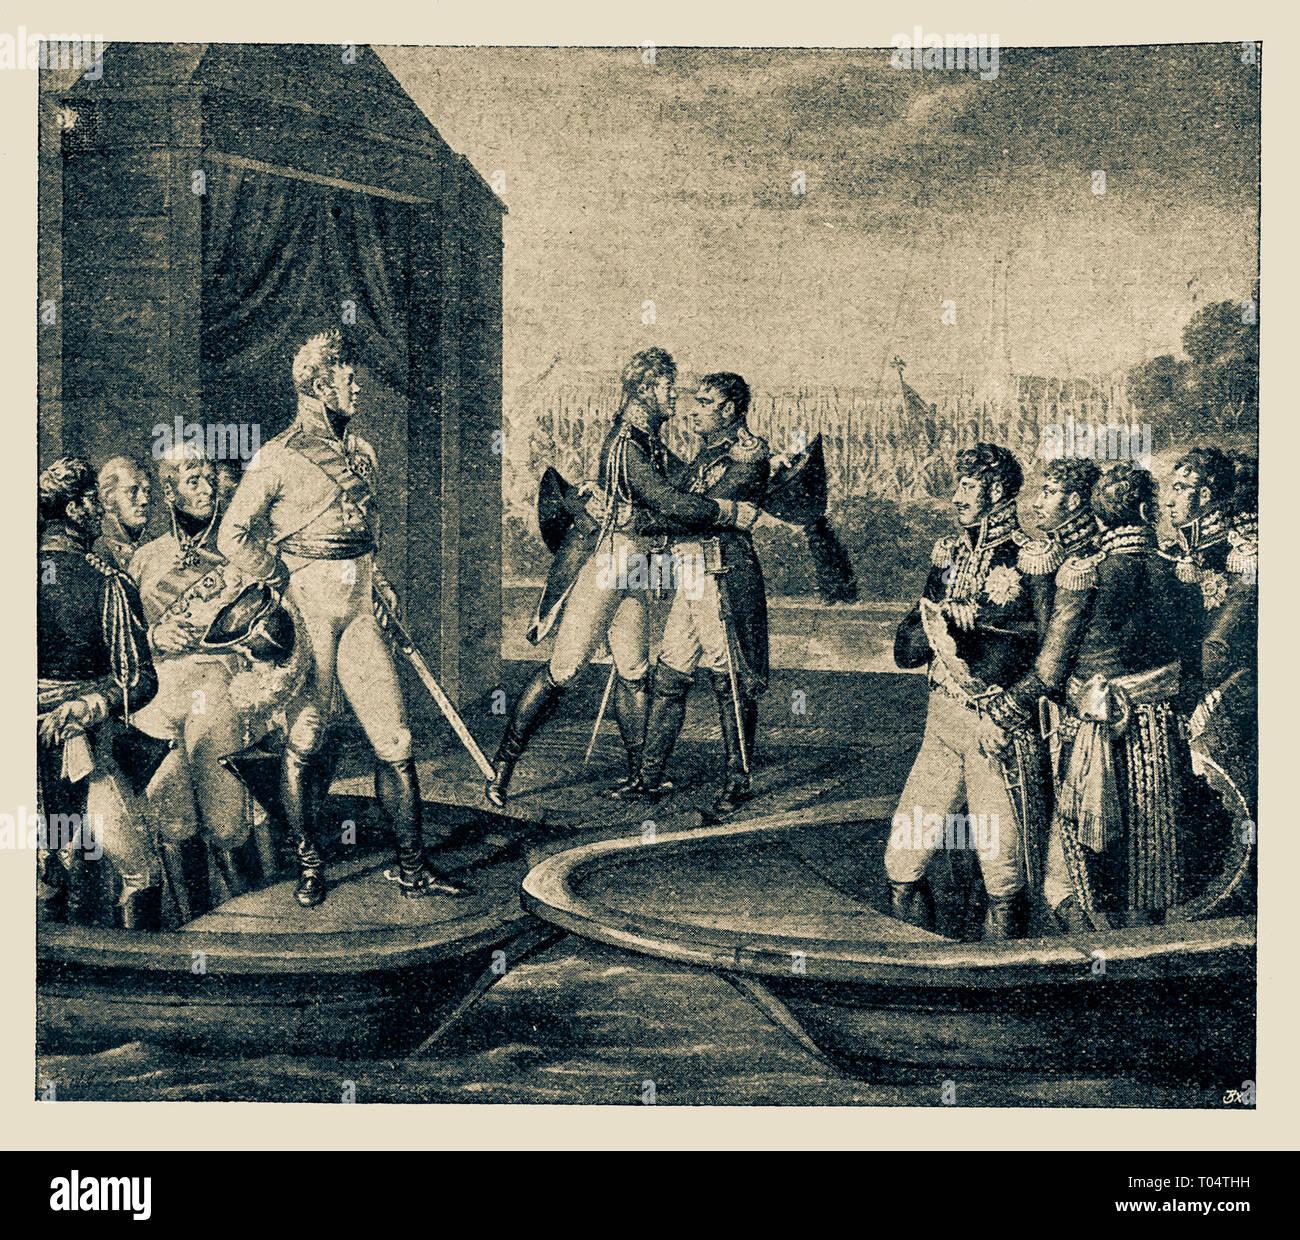 Decorative Arts Disciplined 1825 Napoleon Emperor Alexander Niemen River Original Hand Colored Engraving